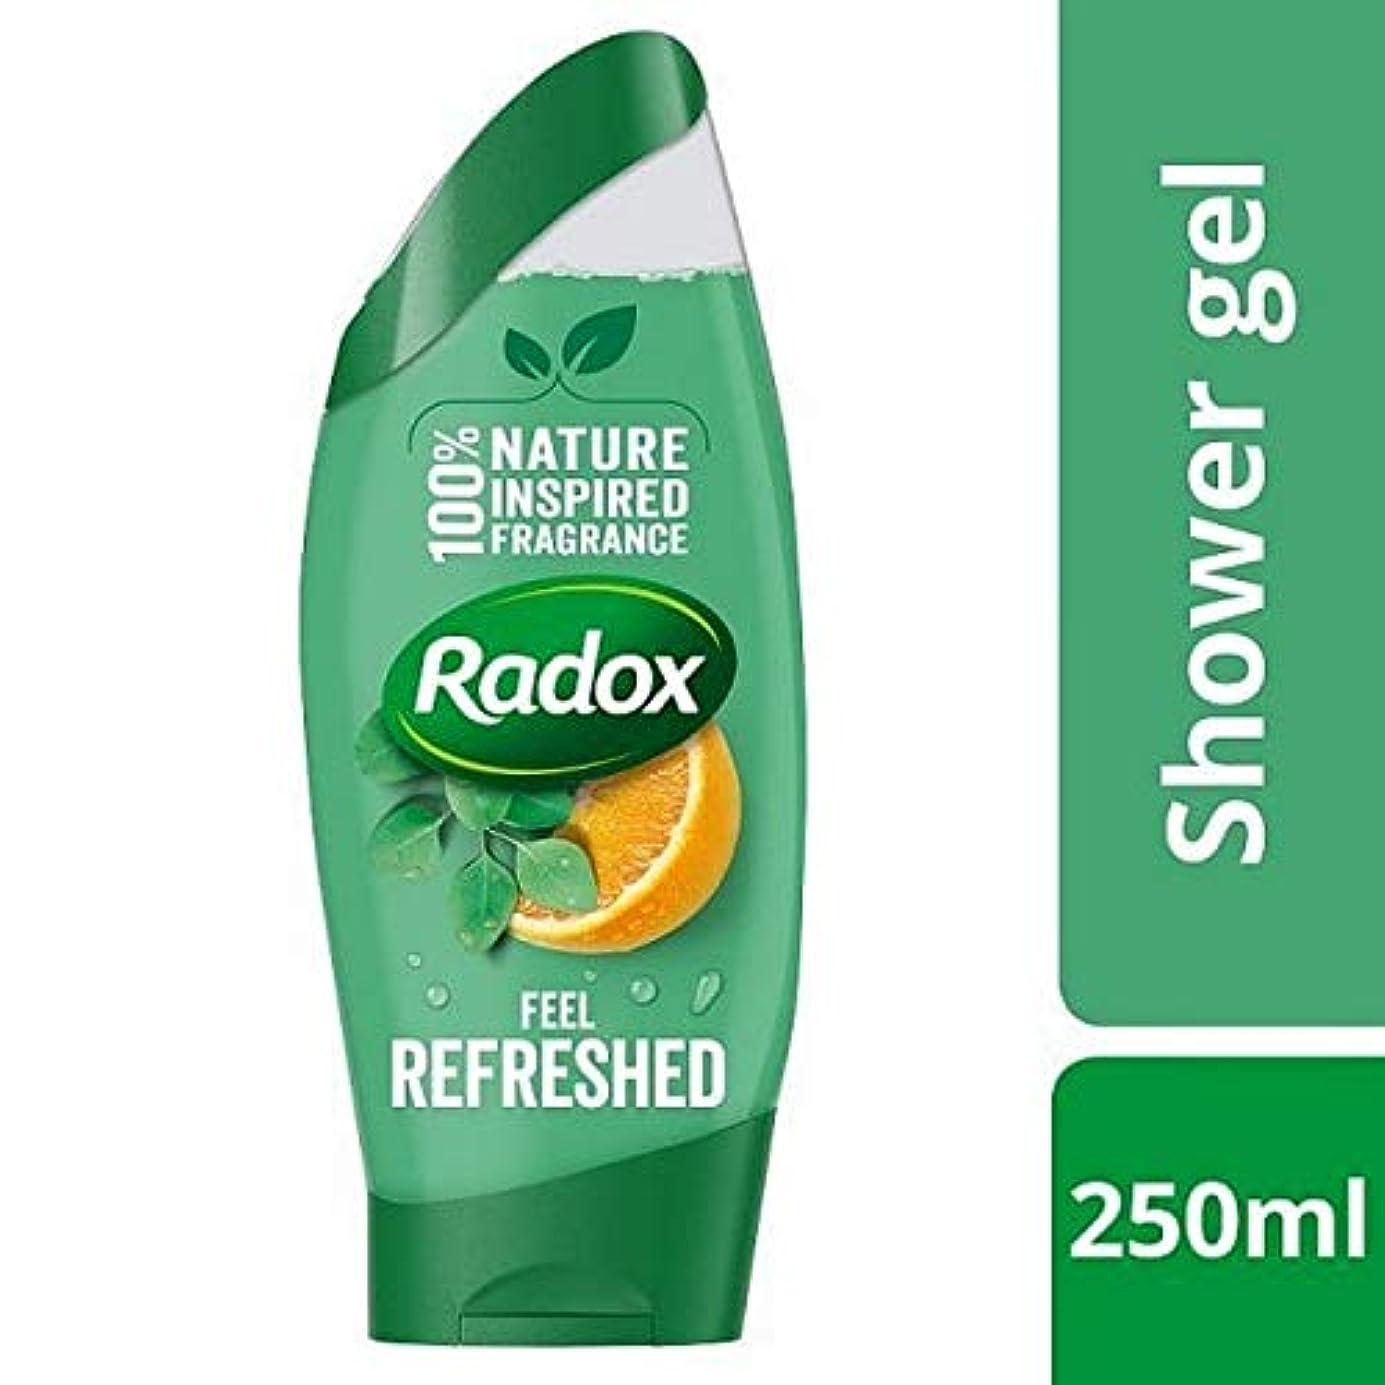 結婚式ハング収容する[Radox] Radoxが更新ユーカリ&シトラスシャワージェル250ミリリットルを感じます - Radox Feel Refreshed Eucalyptus & Citrus Shower Gel 250ml [並行輸入品]